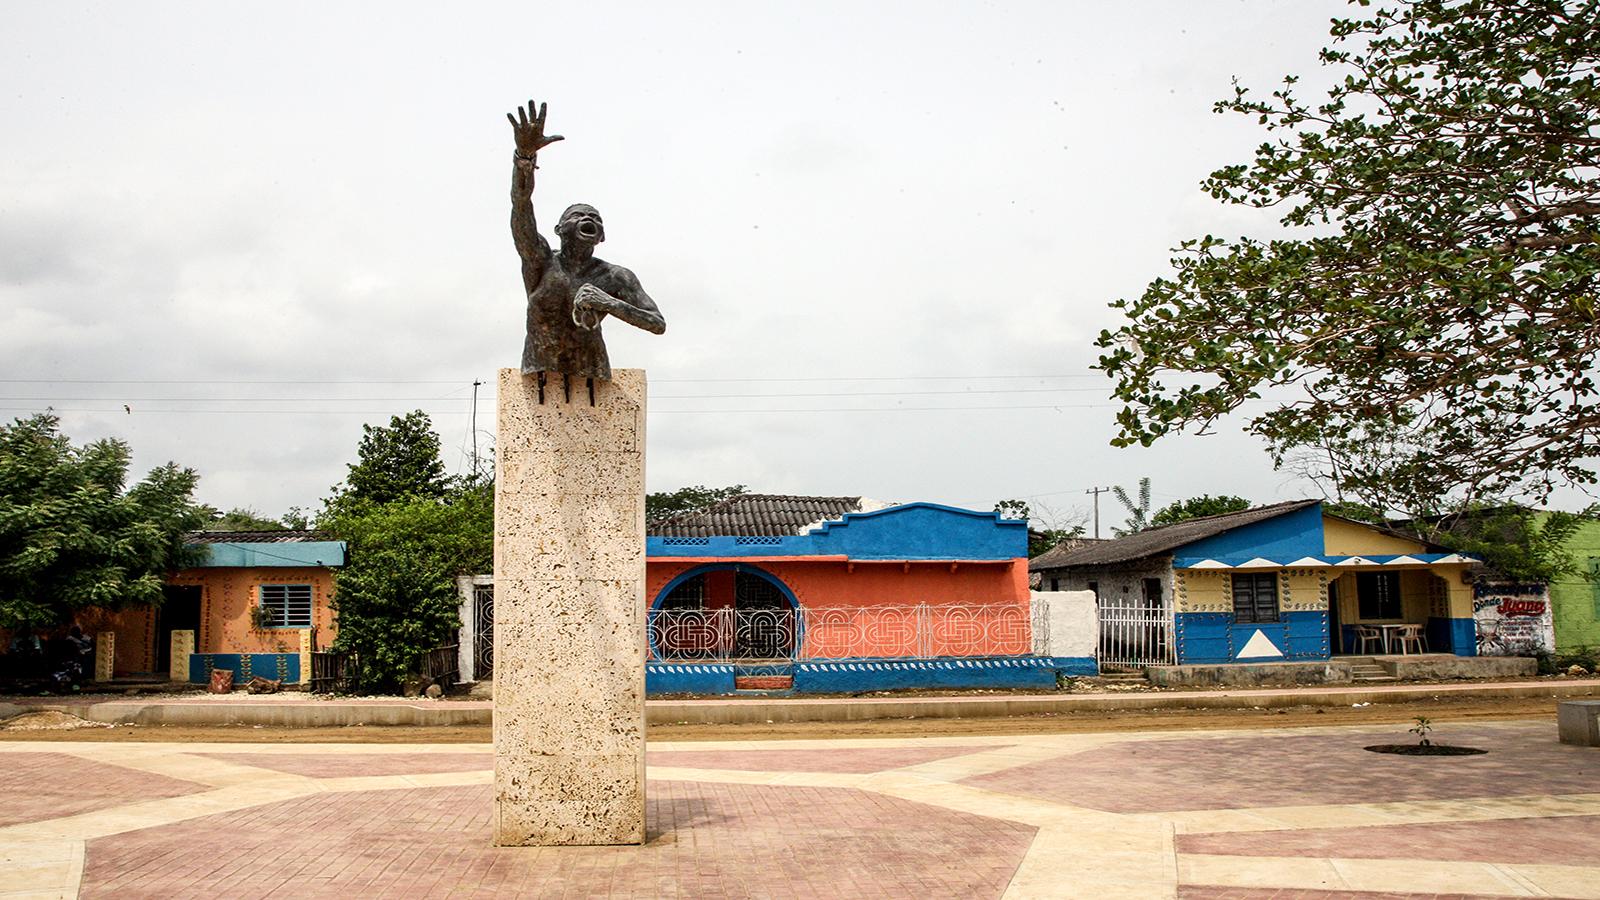 historias/bolivar/la-resistencia-cultural-de-palenque-en-medio-de-la-pandemia